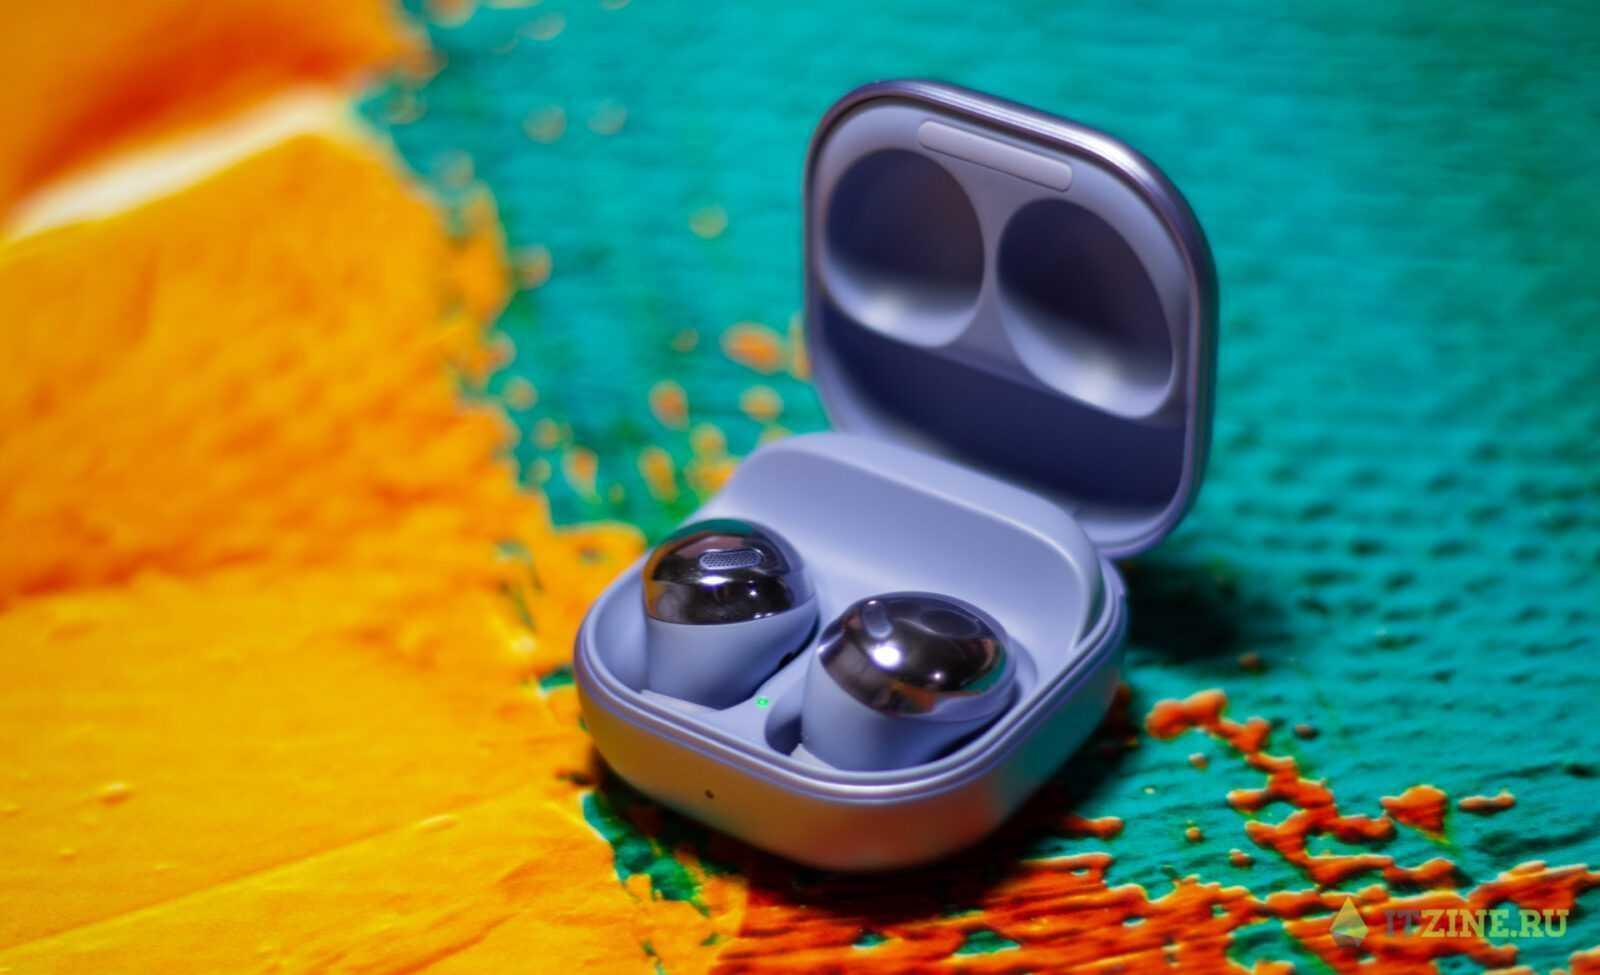 Обзор наушников Samsung Galaxy Buds Pro: звук со стилем (samsung earbuds pro 05)